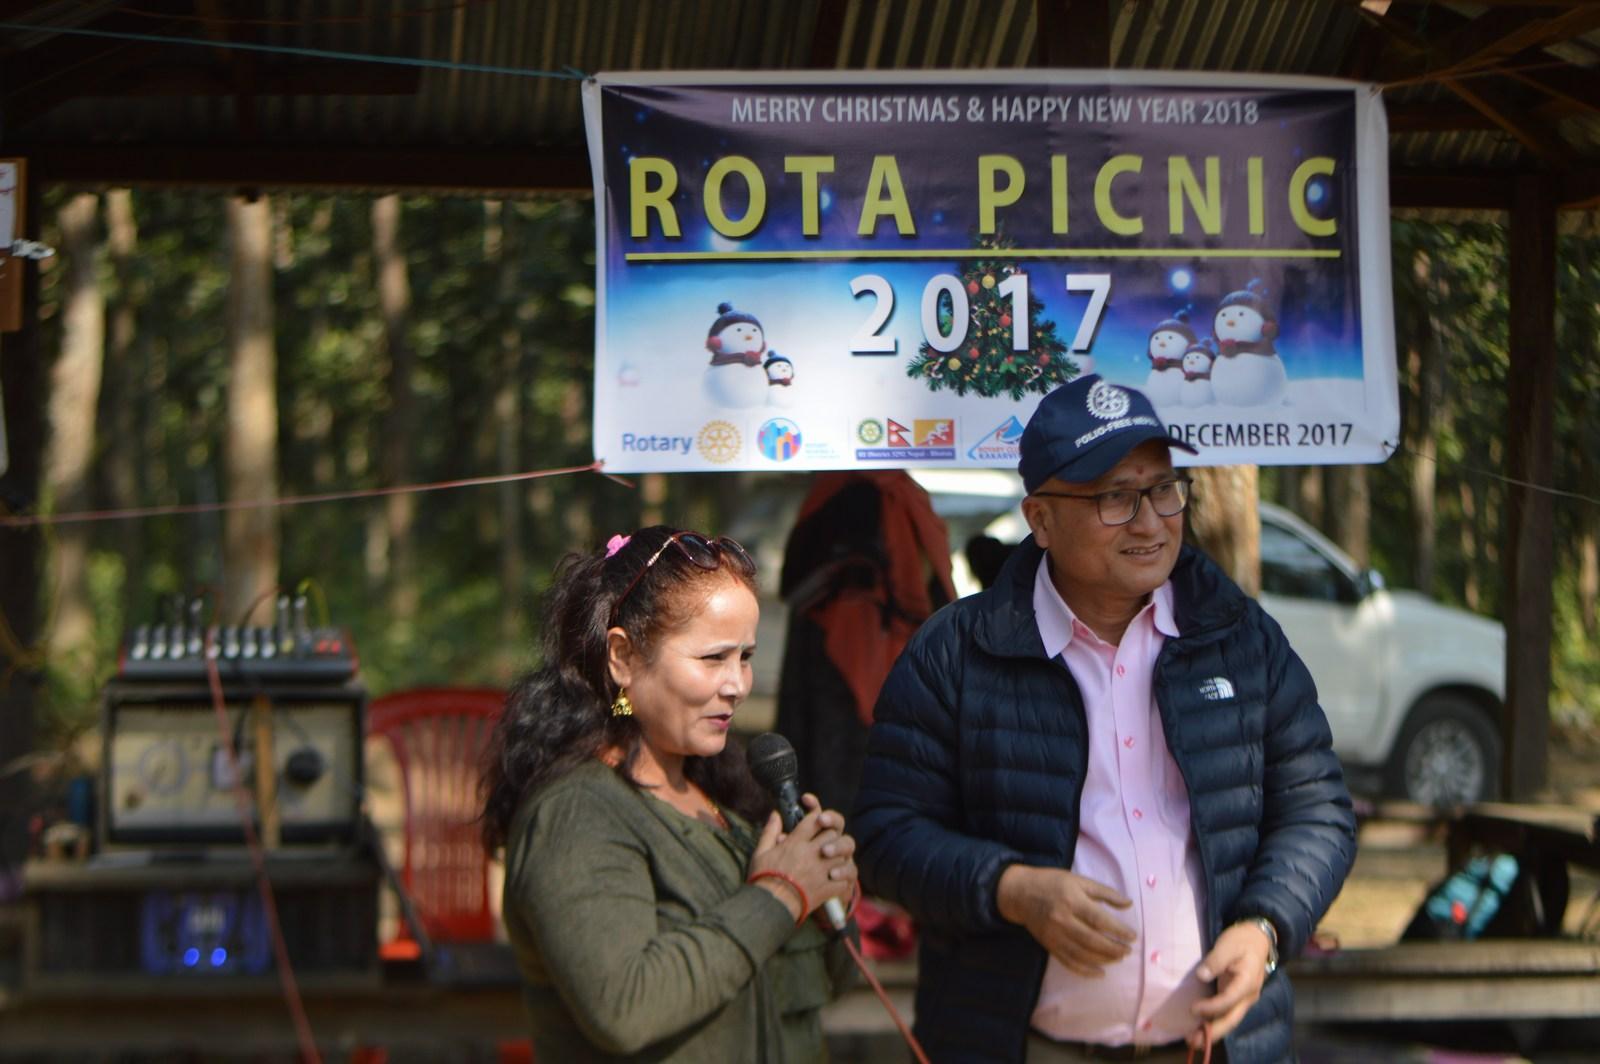 Rota-Picnic-2017-Rotary-Club-of-Kakarvitta-59